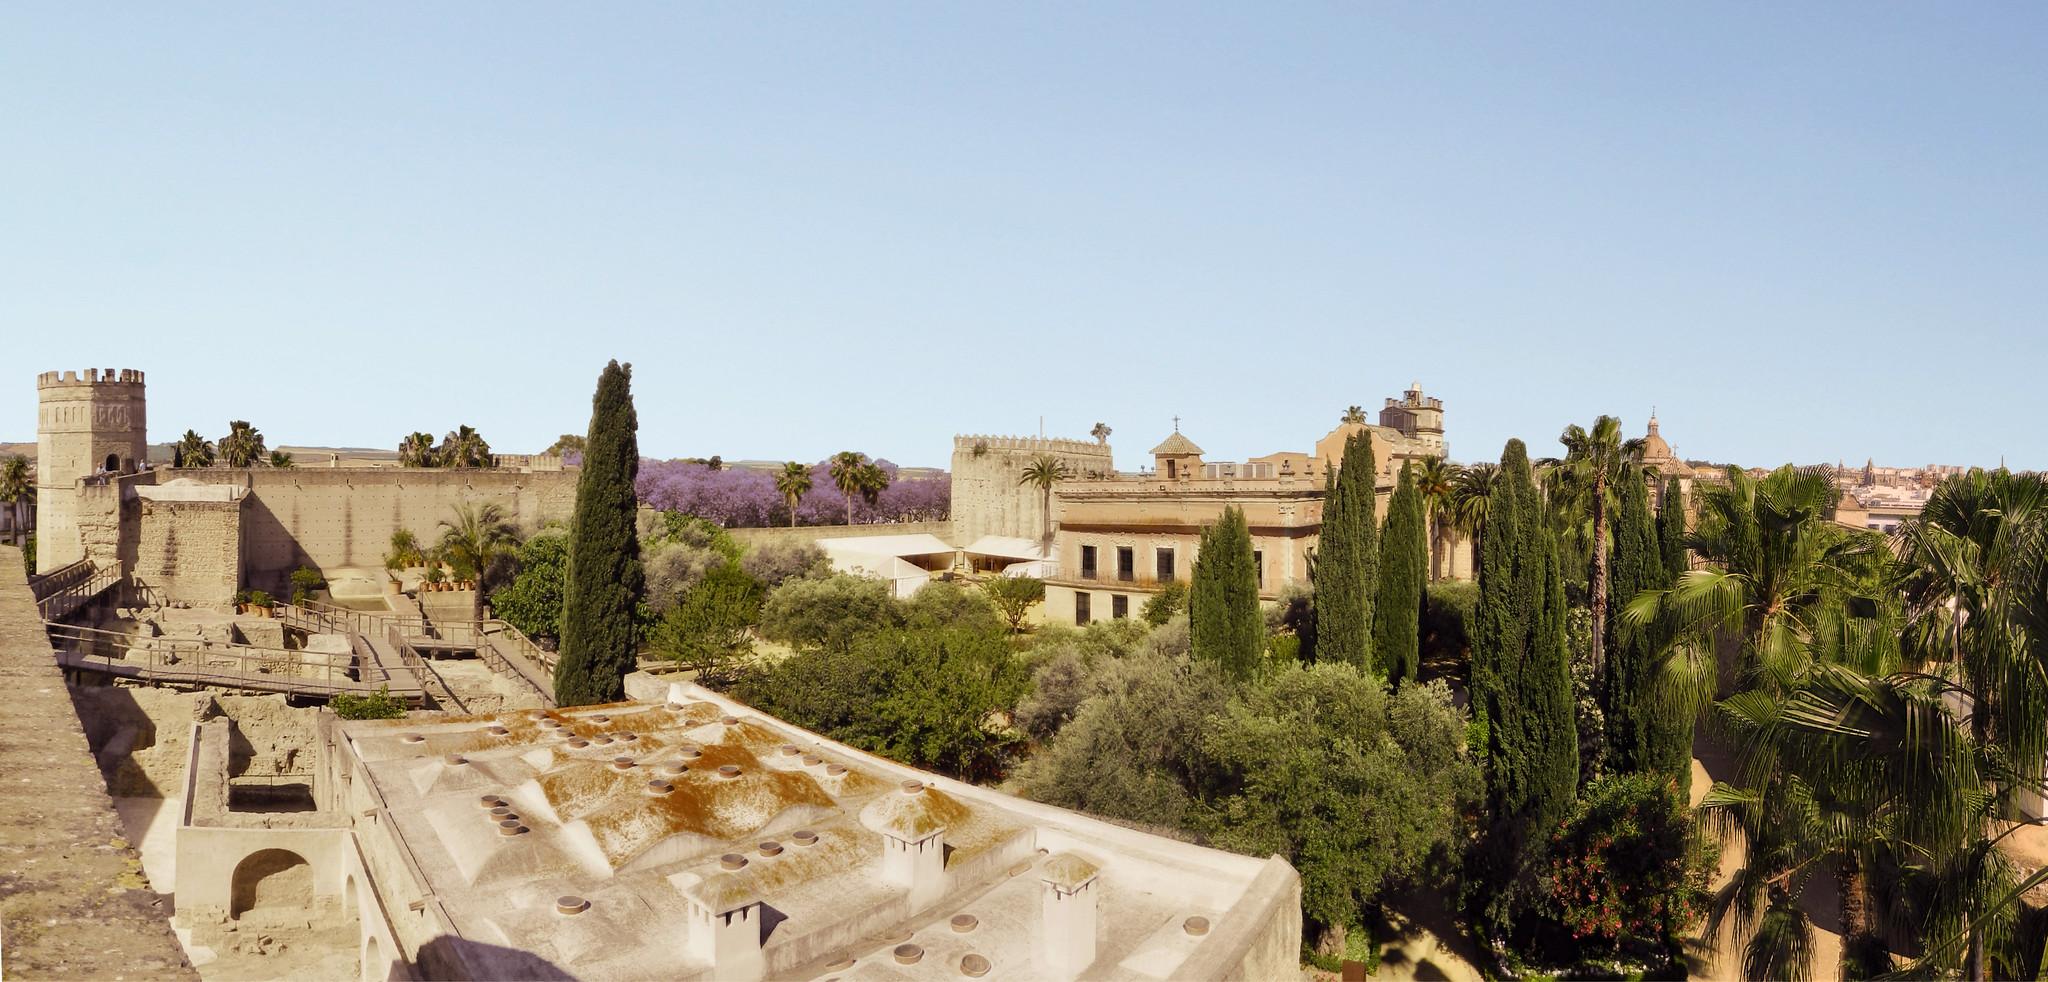 vistas del Palacio jardines Baños arabes, Muralla del Alcazar de Jerez de la Frontera Cadiz